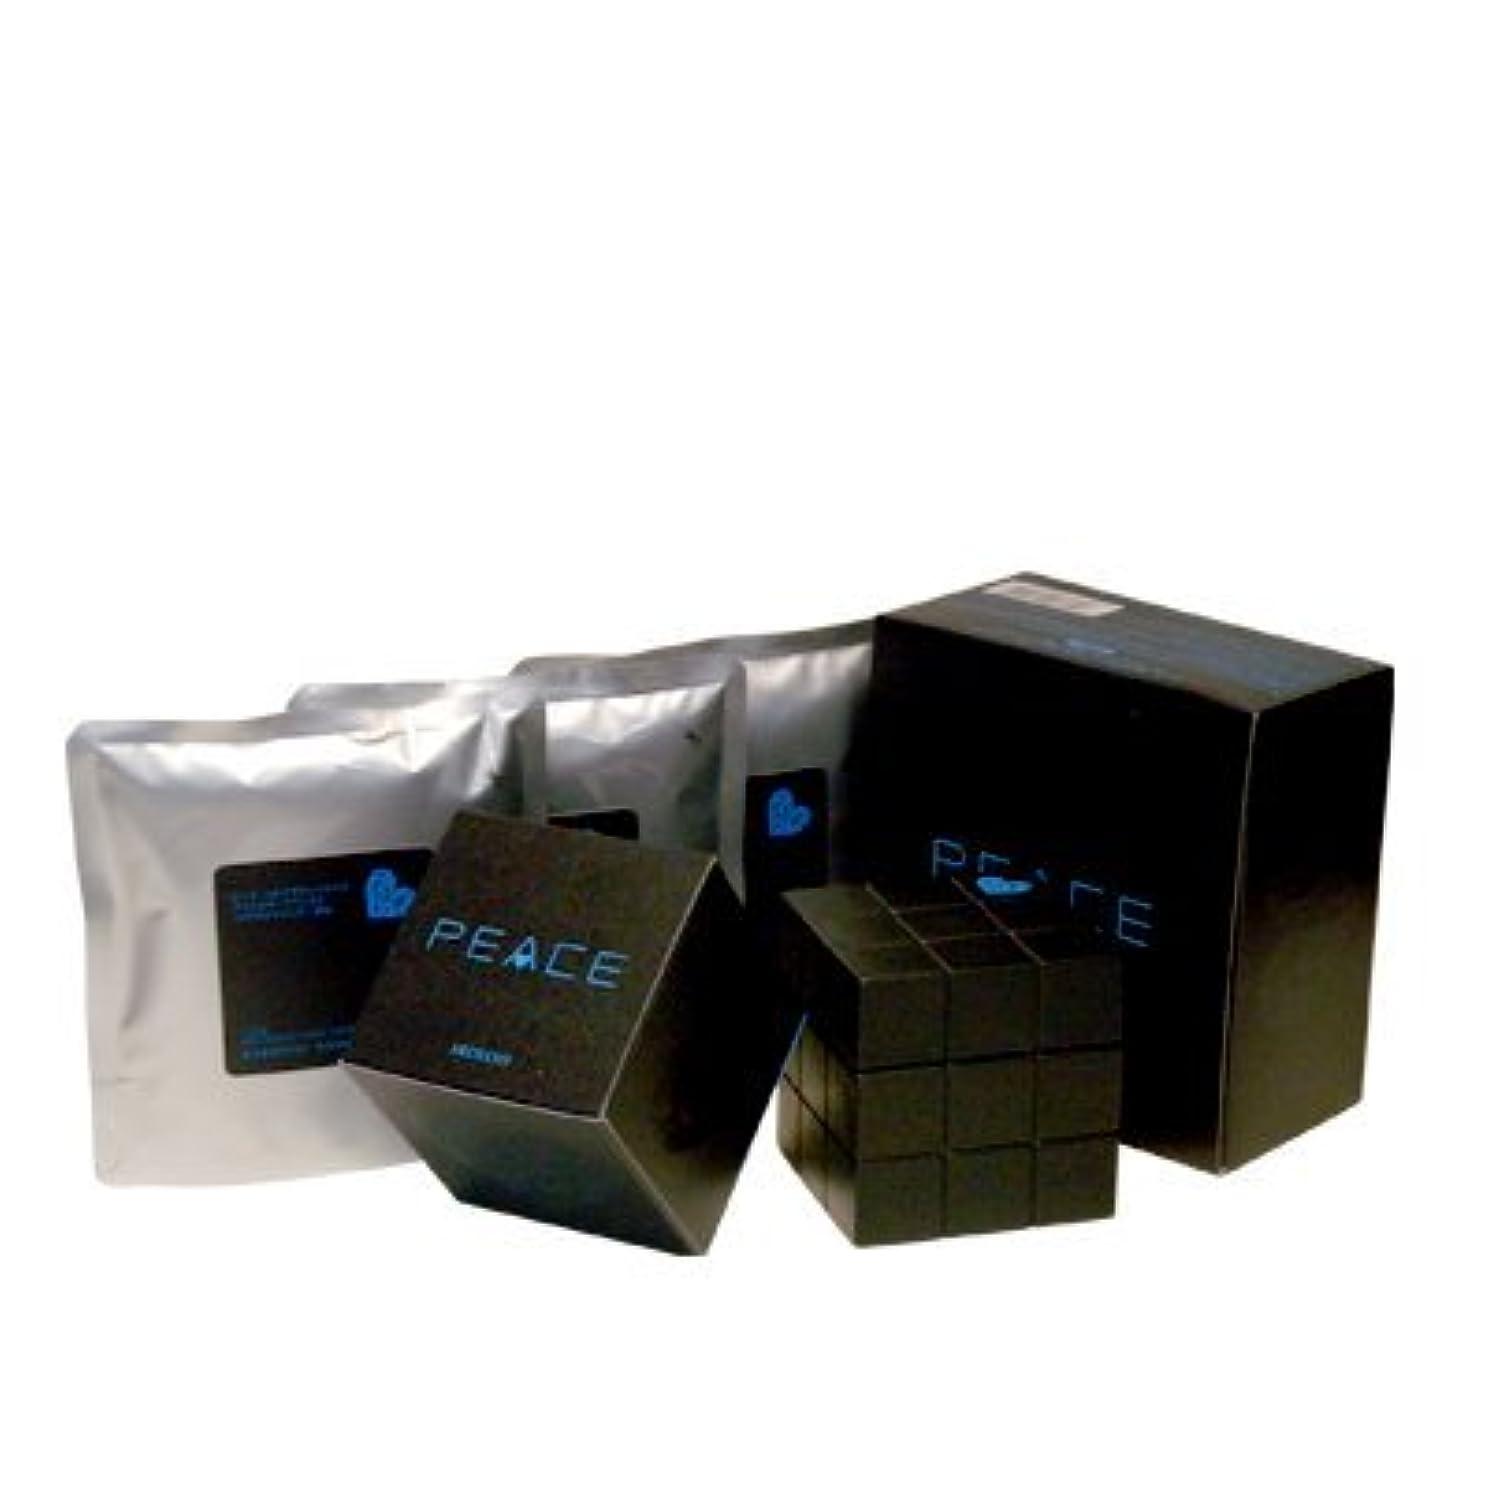 アリミノ ピース プロデザインシリーズ フリーズキープワックス ブラック80g+詰め替え80g×3